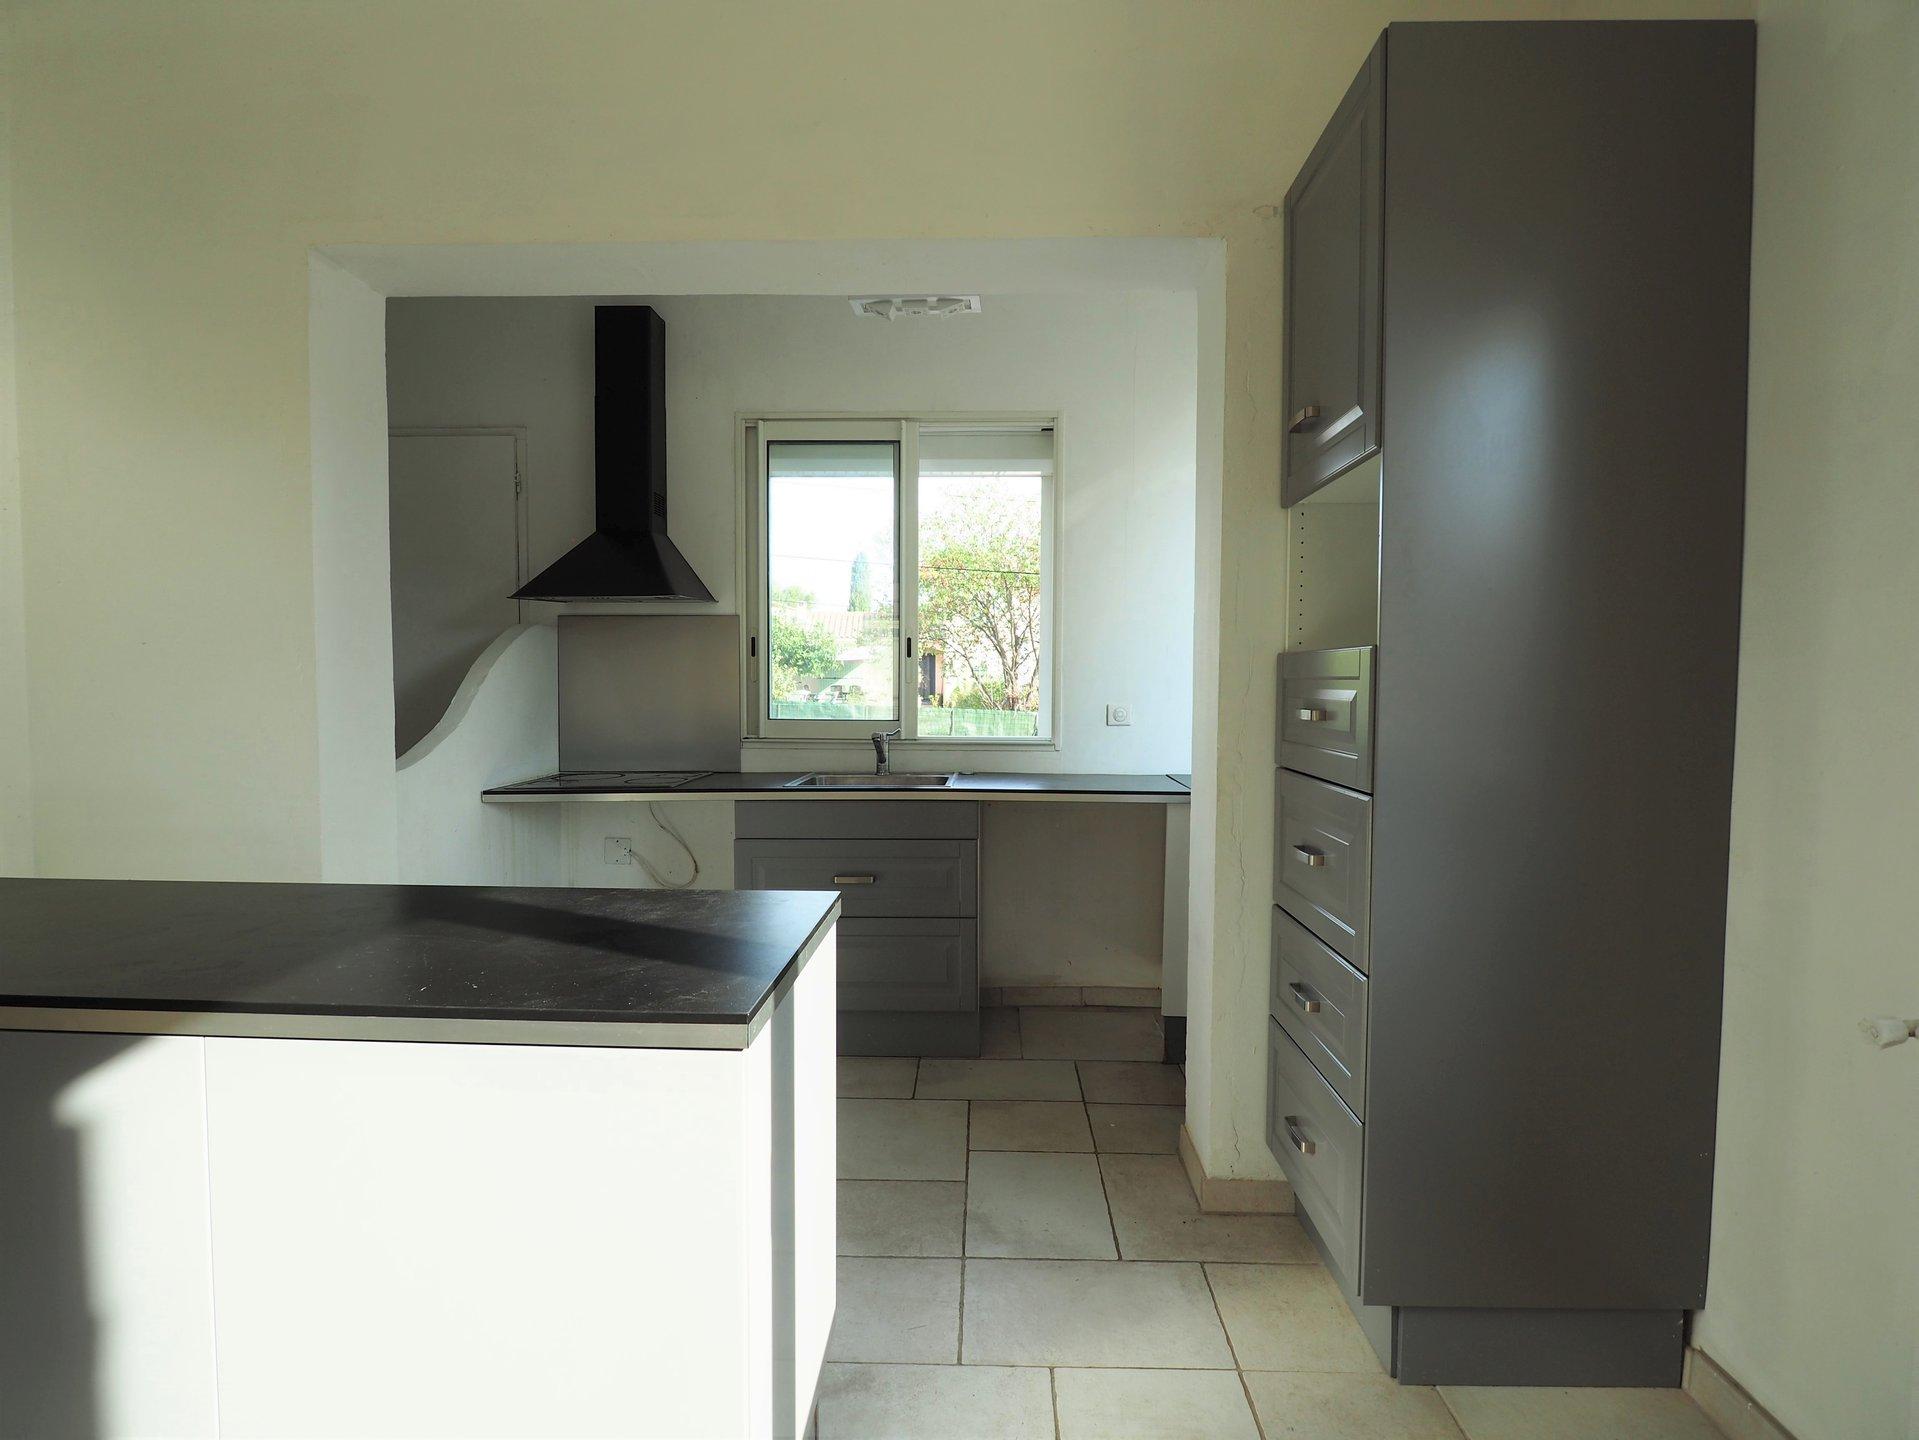 Location Maison T4 - Roquefort La Bedoule